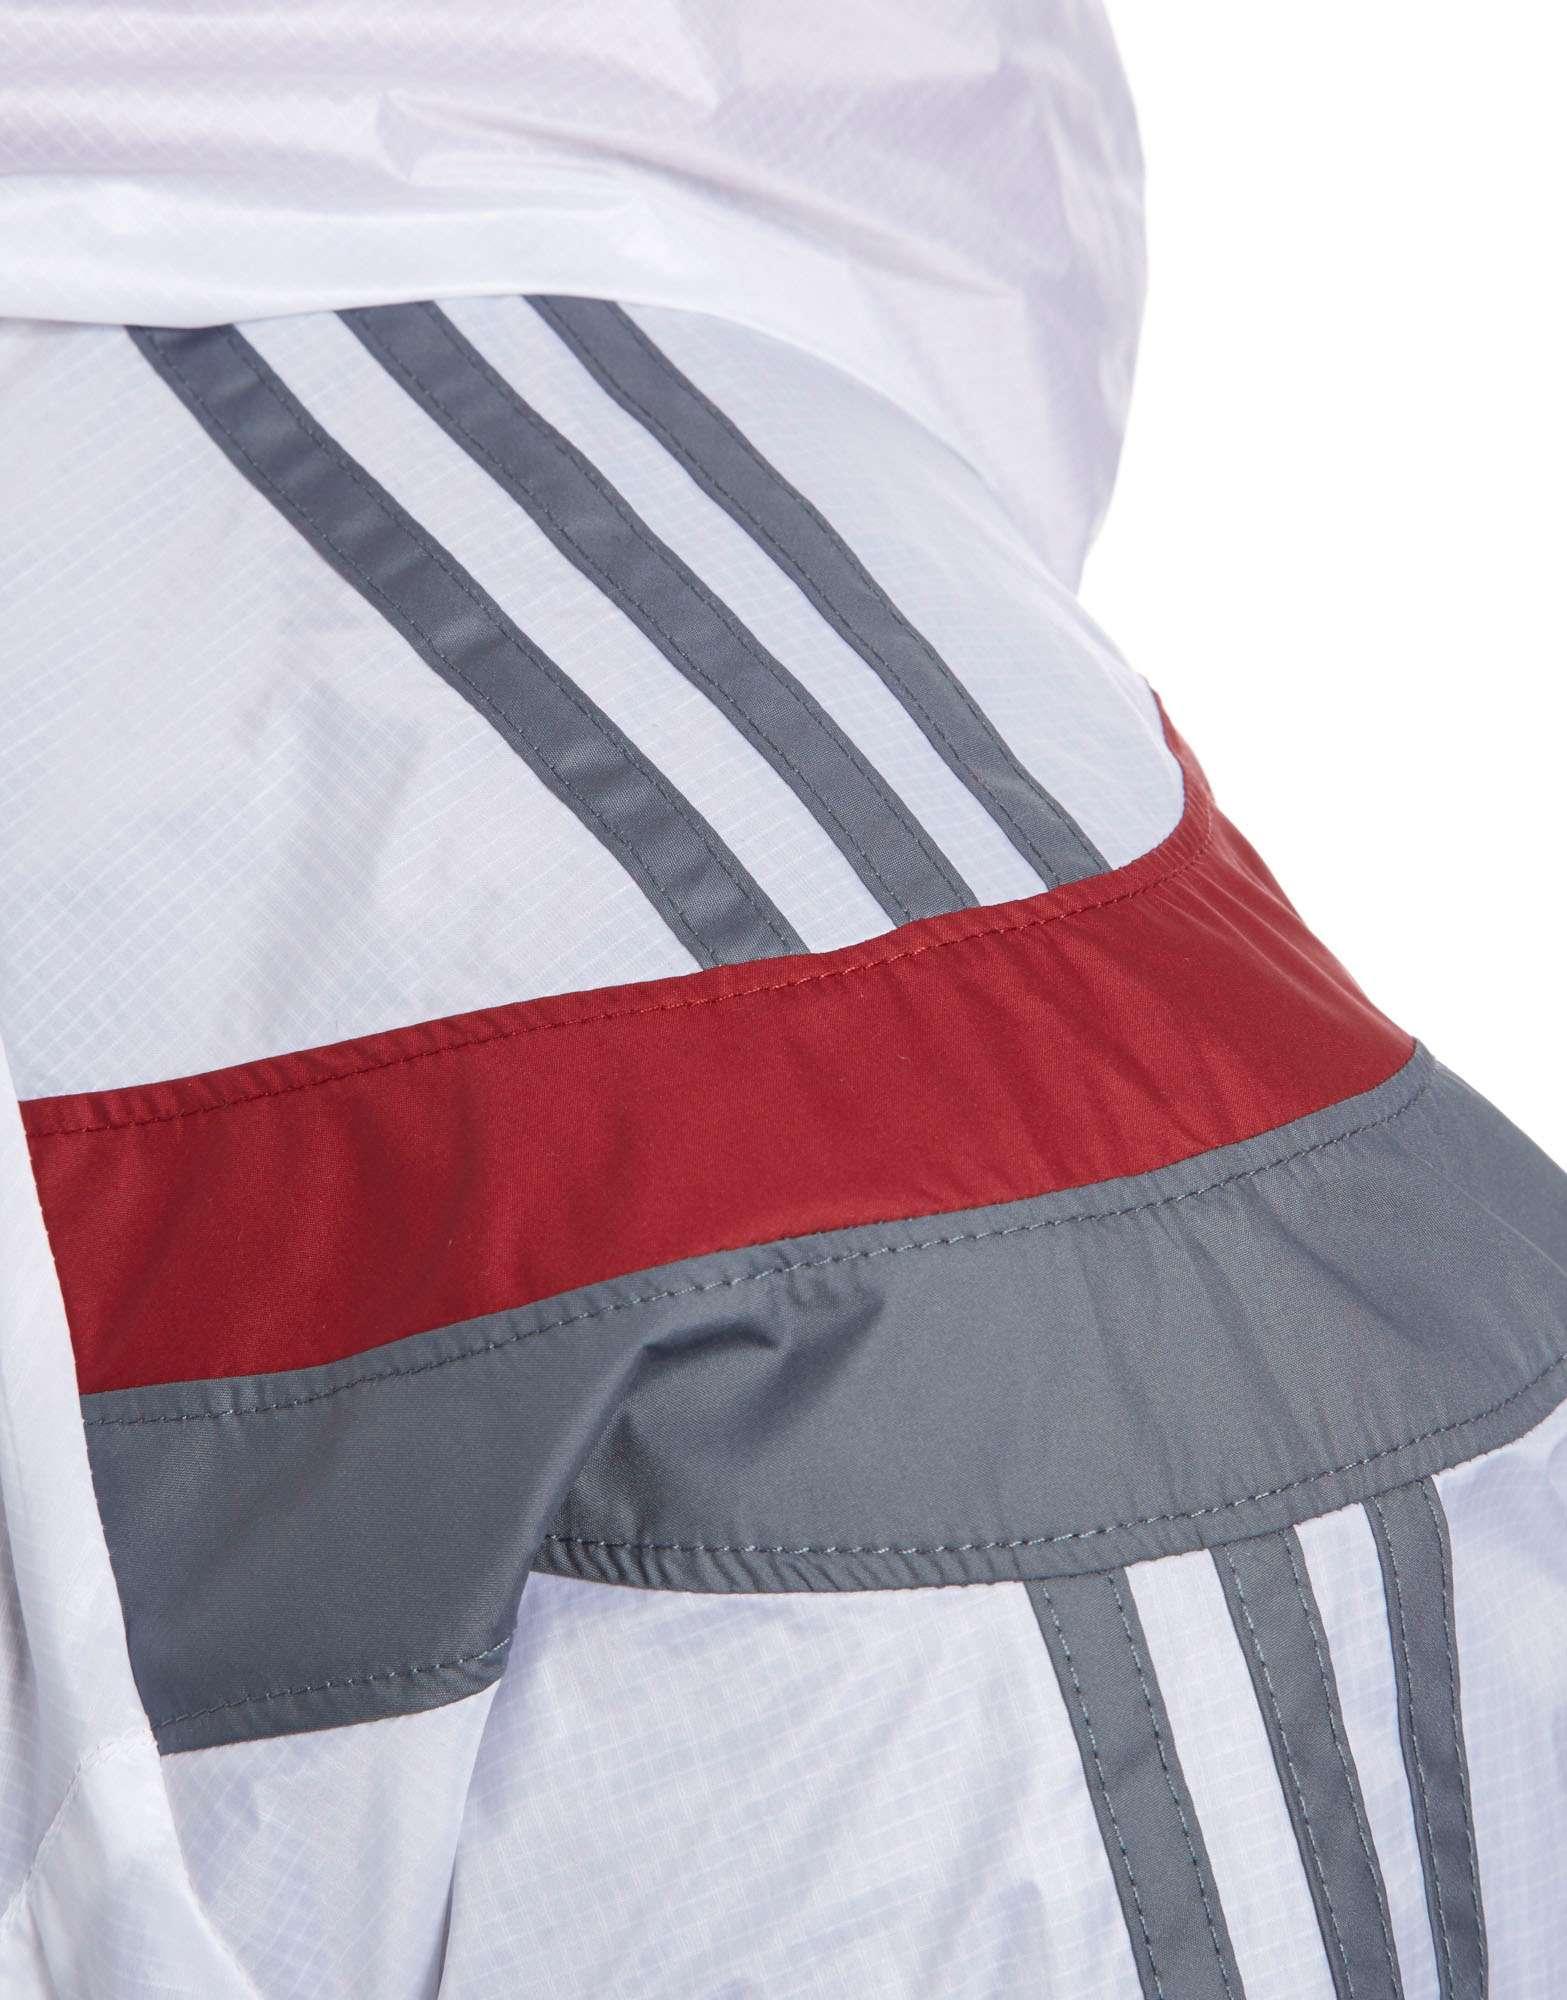 Anthem Jacket Adidas Adidas Scotland Anthem Jacket